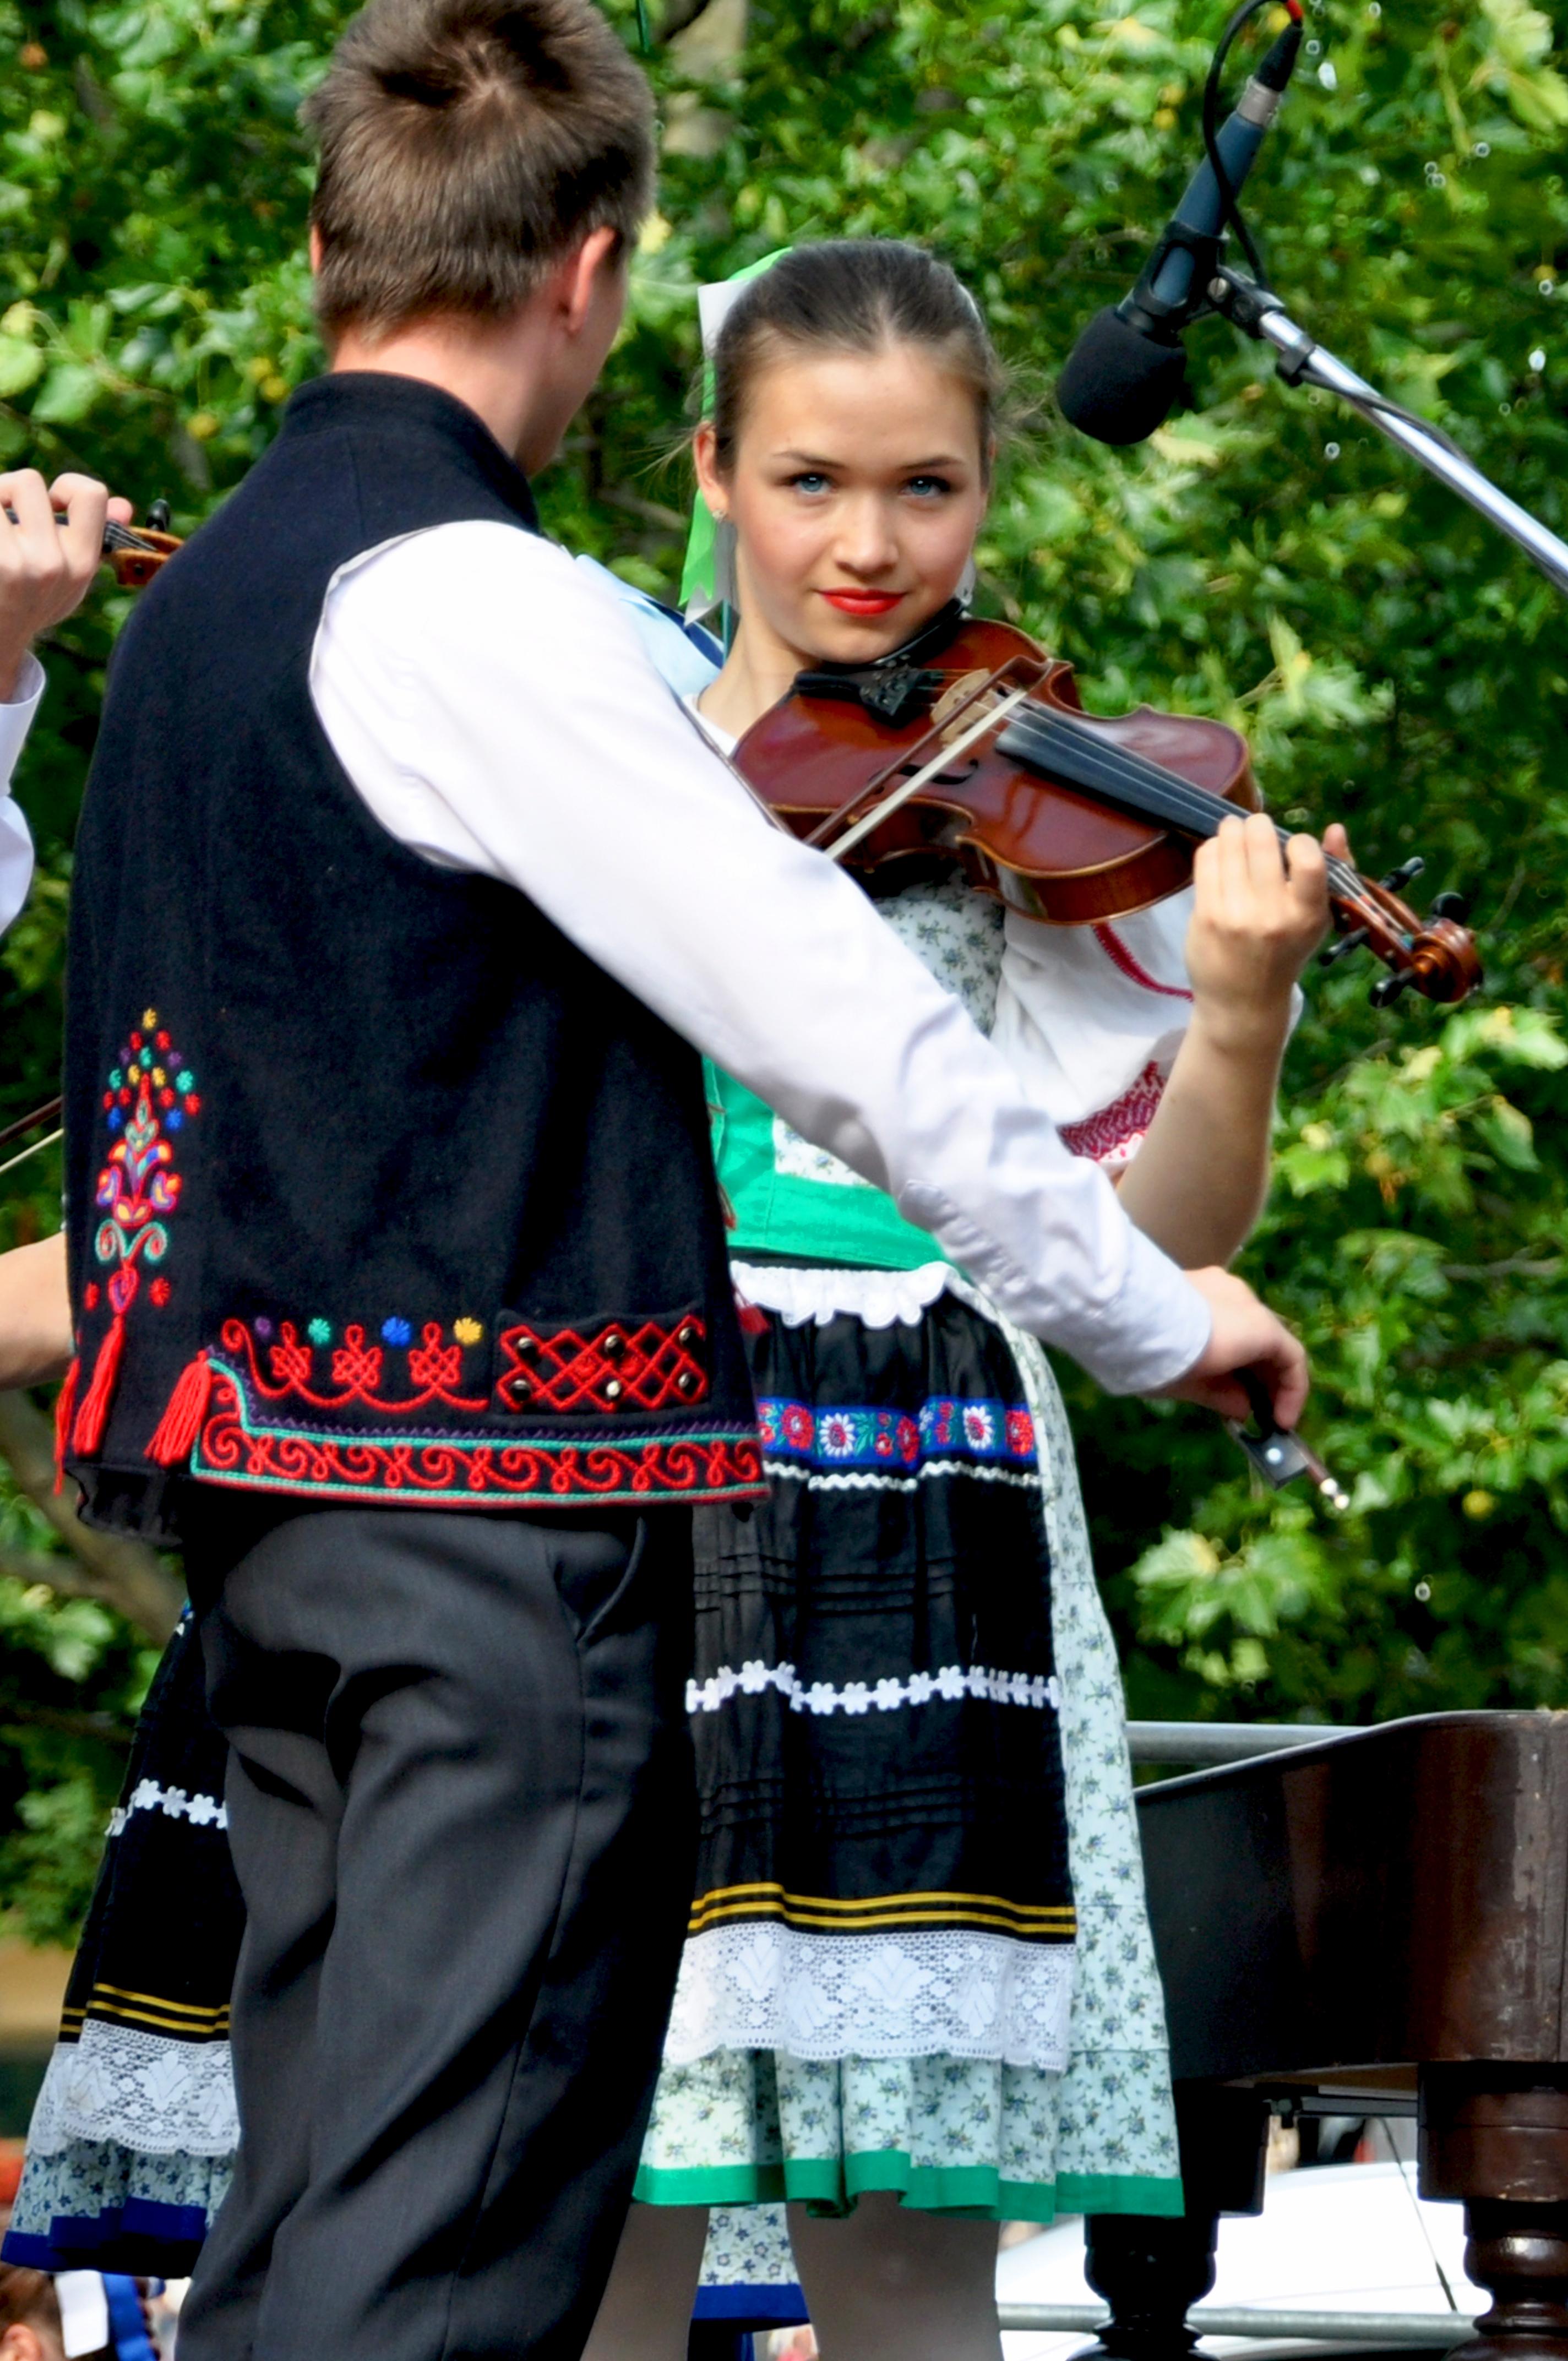 Concierto de música tradicional en la calle